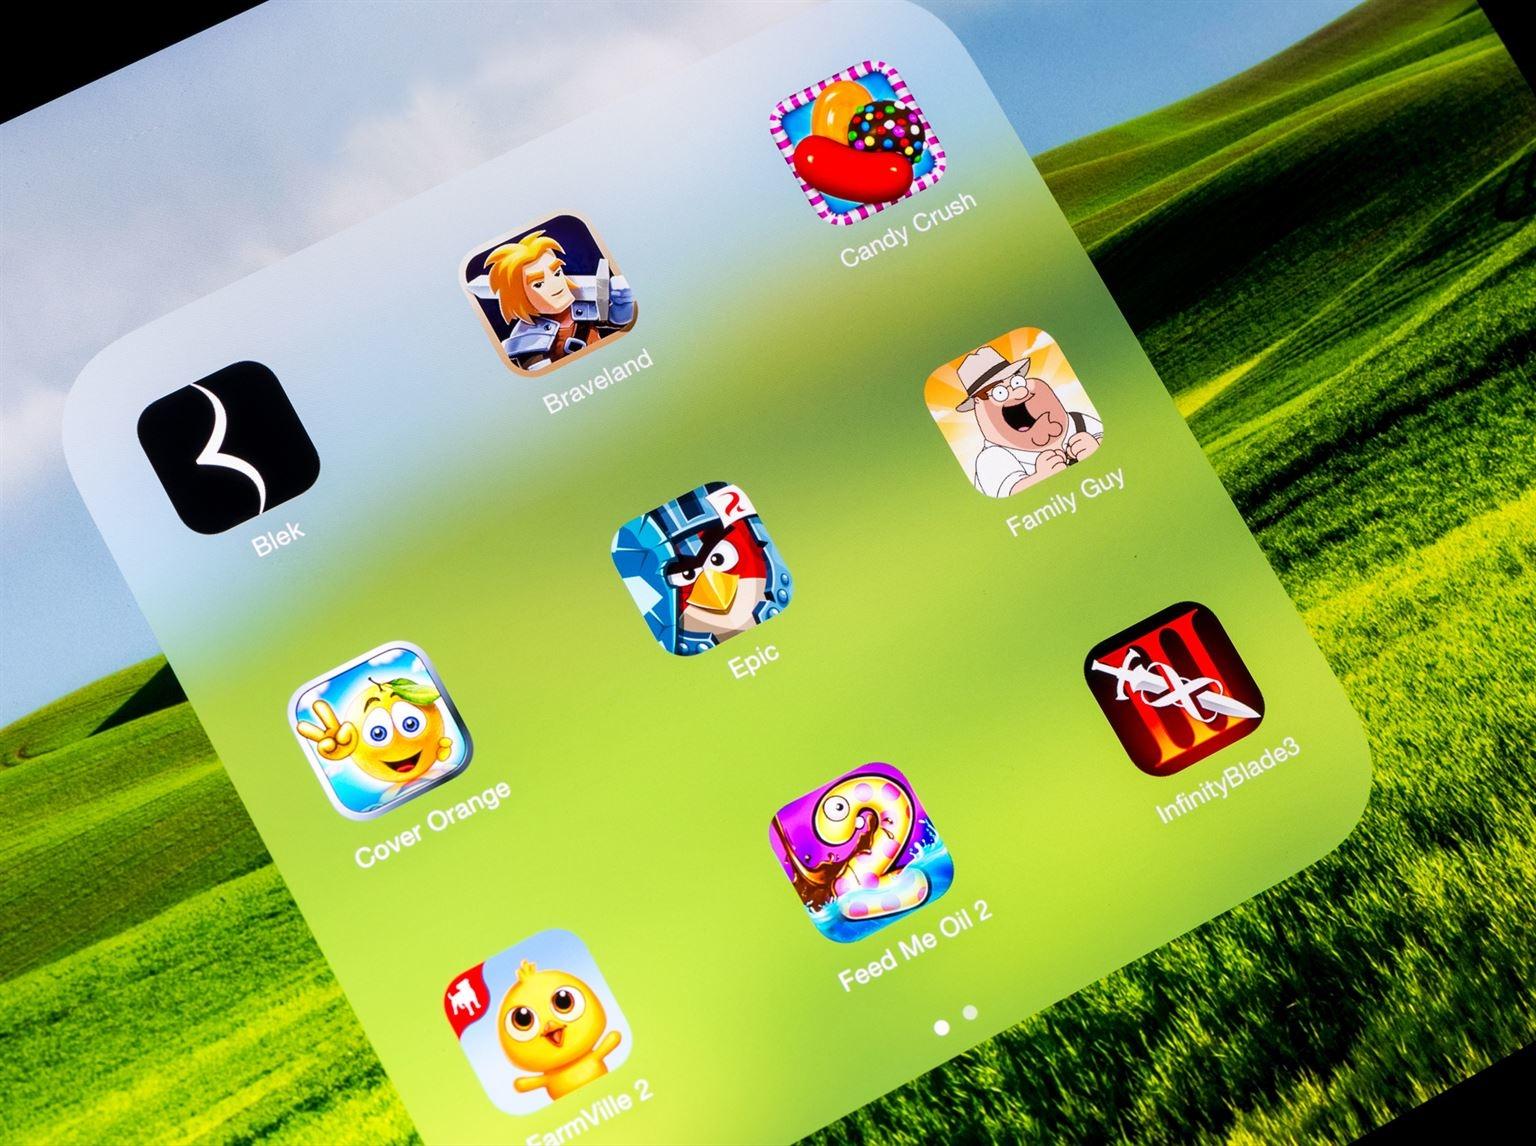 Jeux Sur Tablette: 64 Choix Pour Enfants | Protégez-Vous.ca avec Jeux Educatif 5 Ans Gratuit